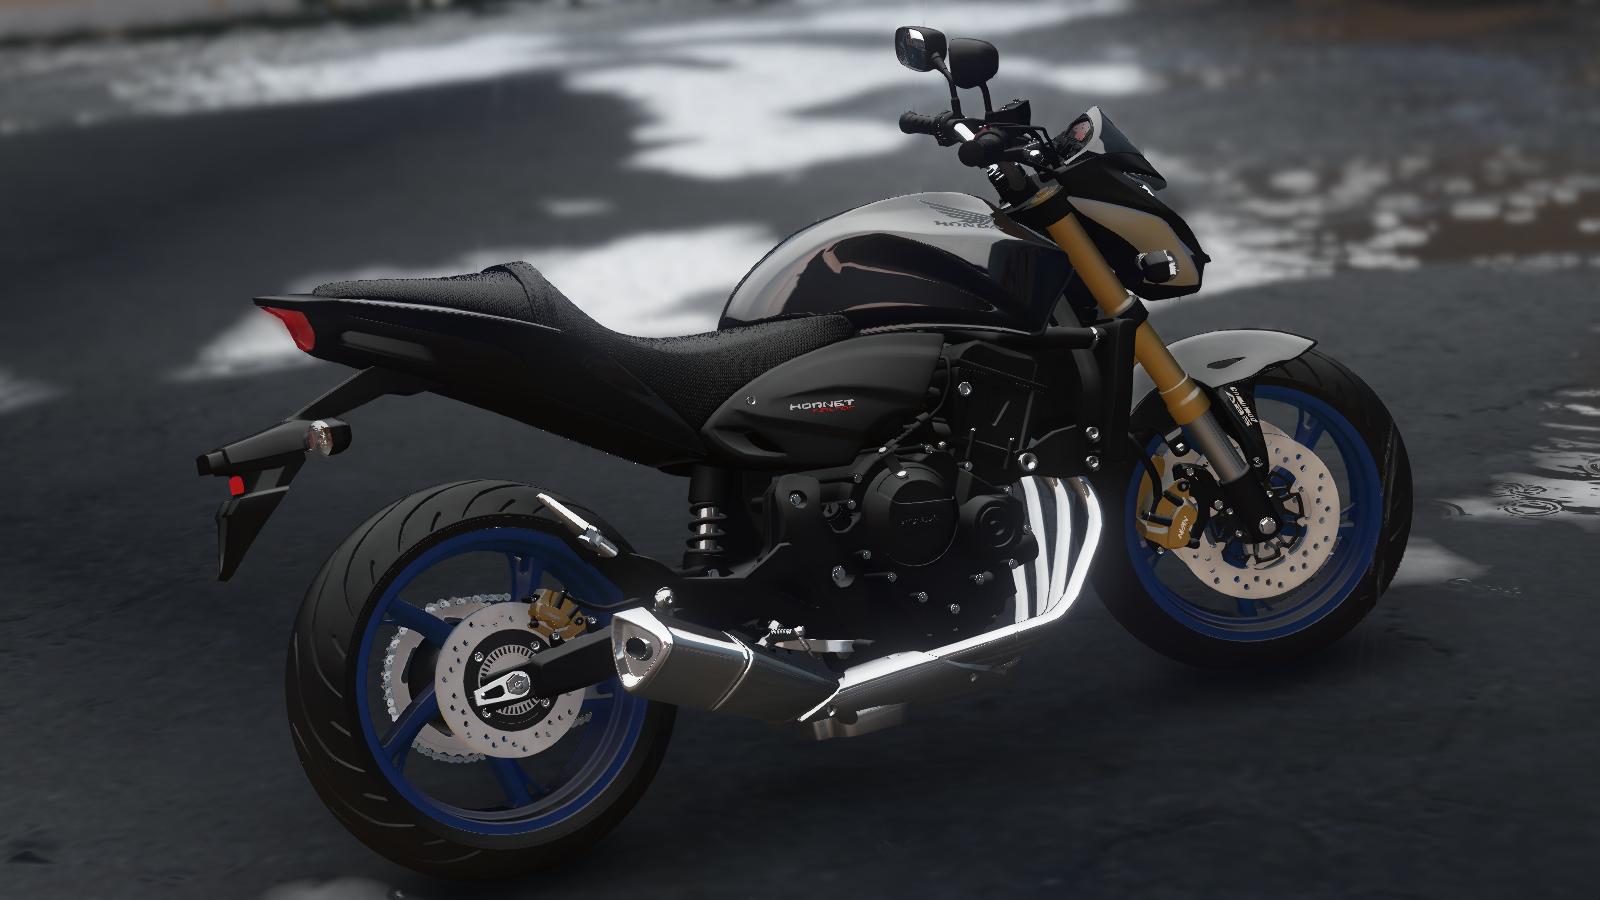 Honda Hornet 600 2014 [DigitalDials